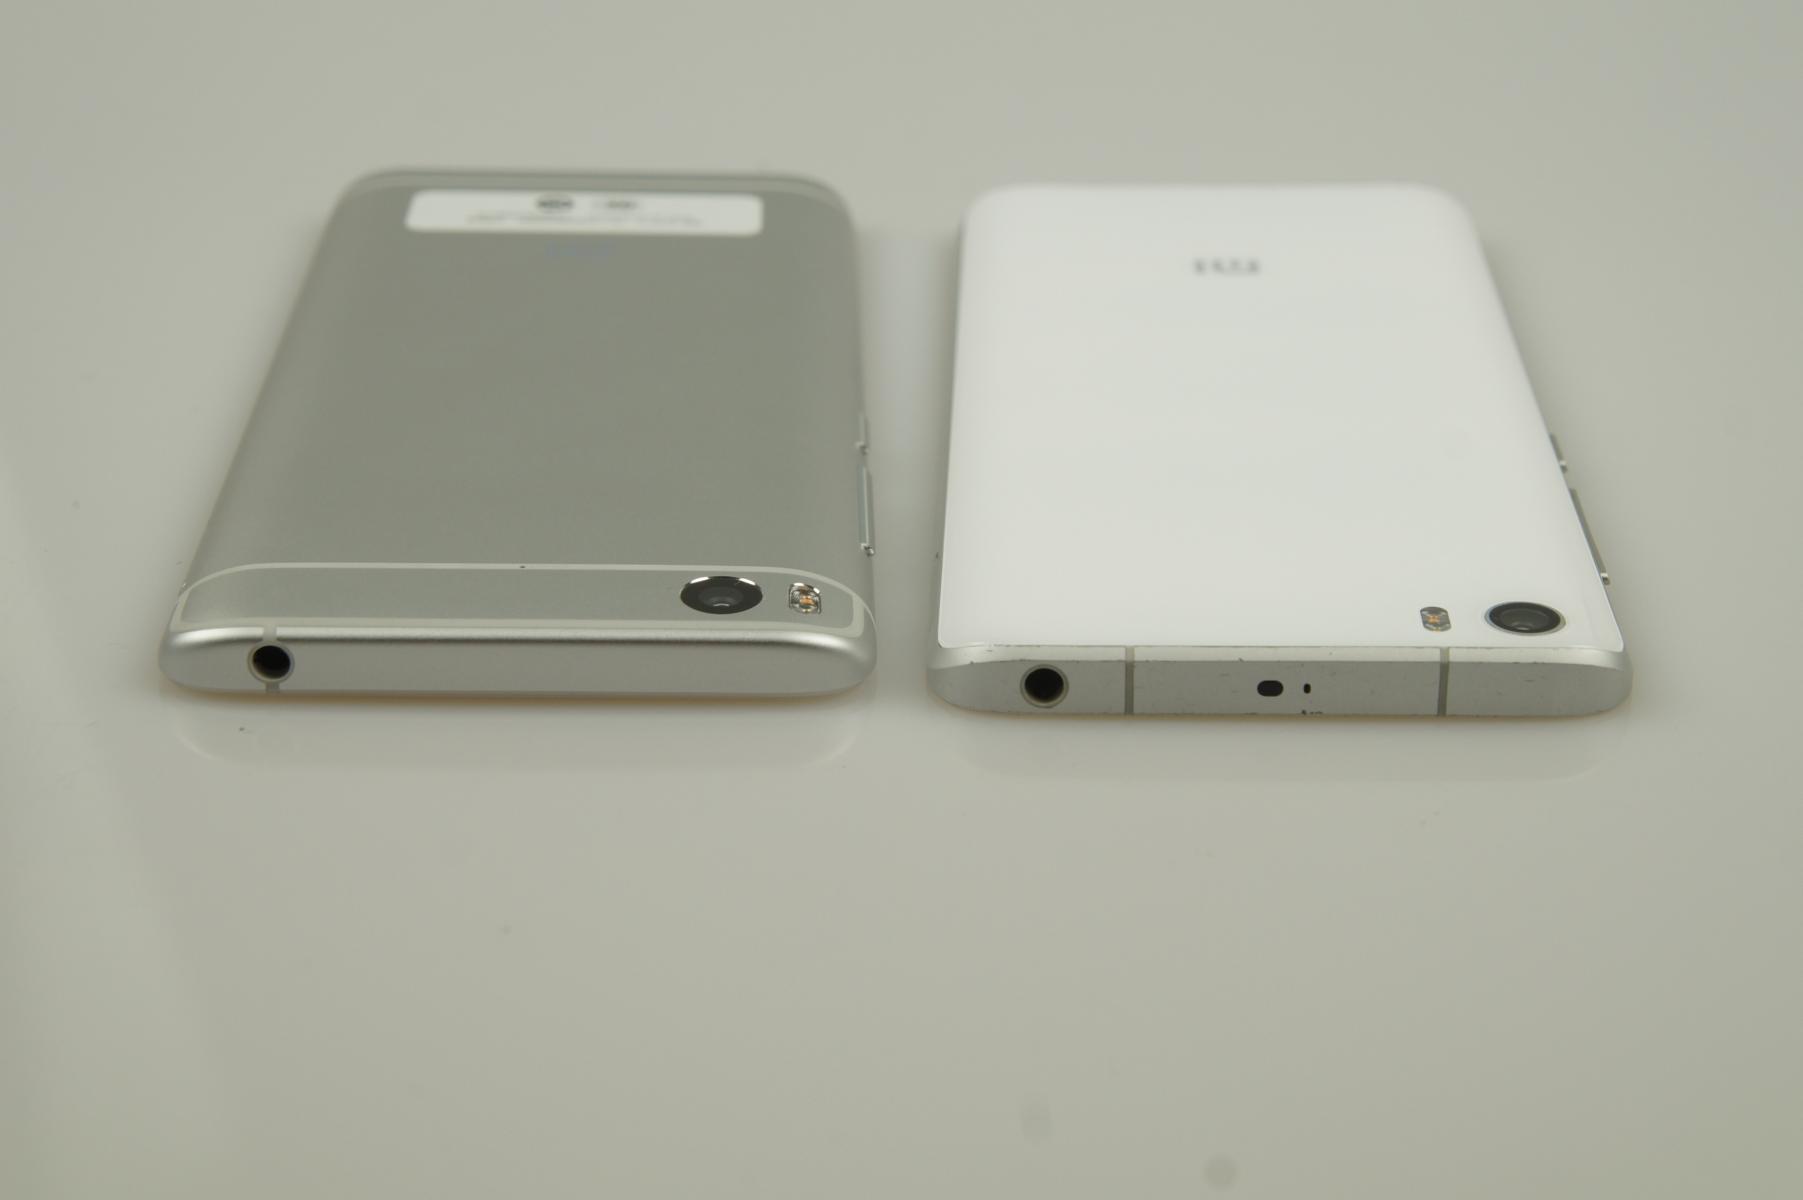 xiaomi-mi5s-mi5